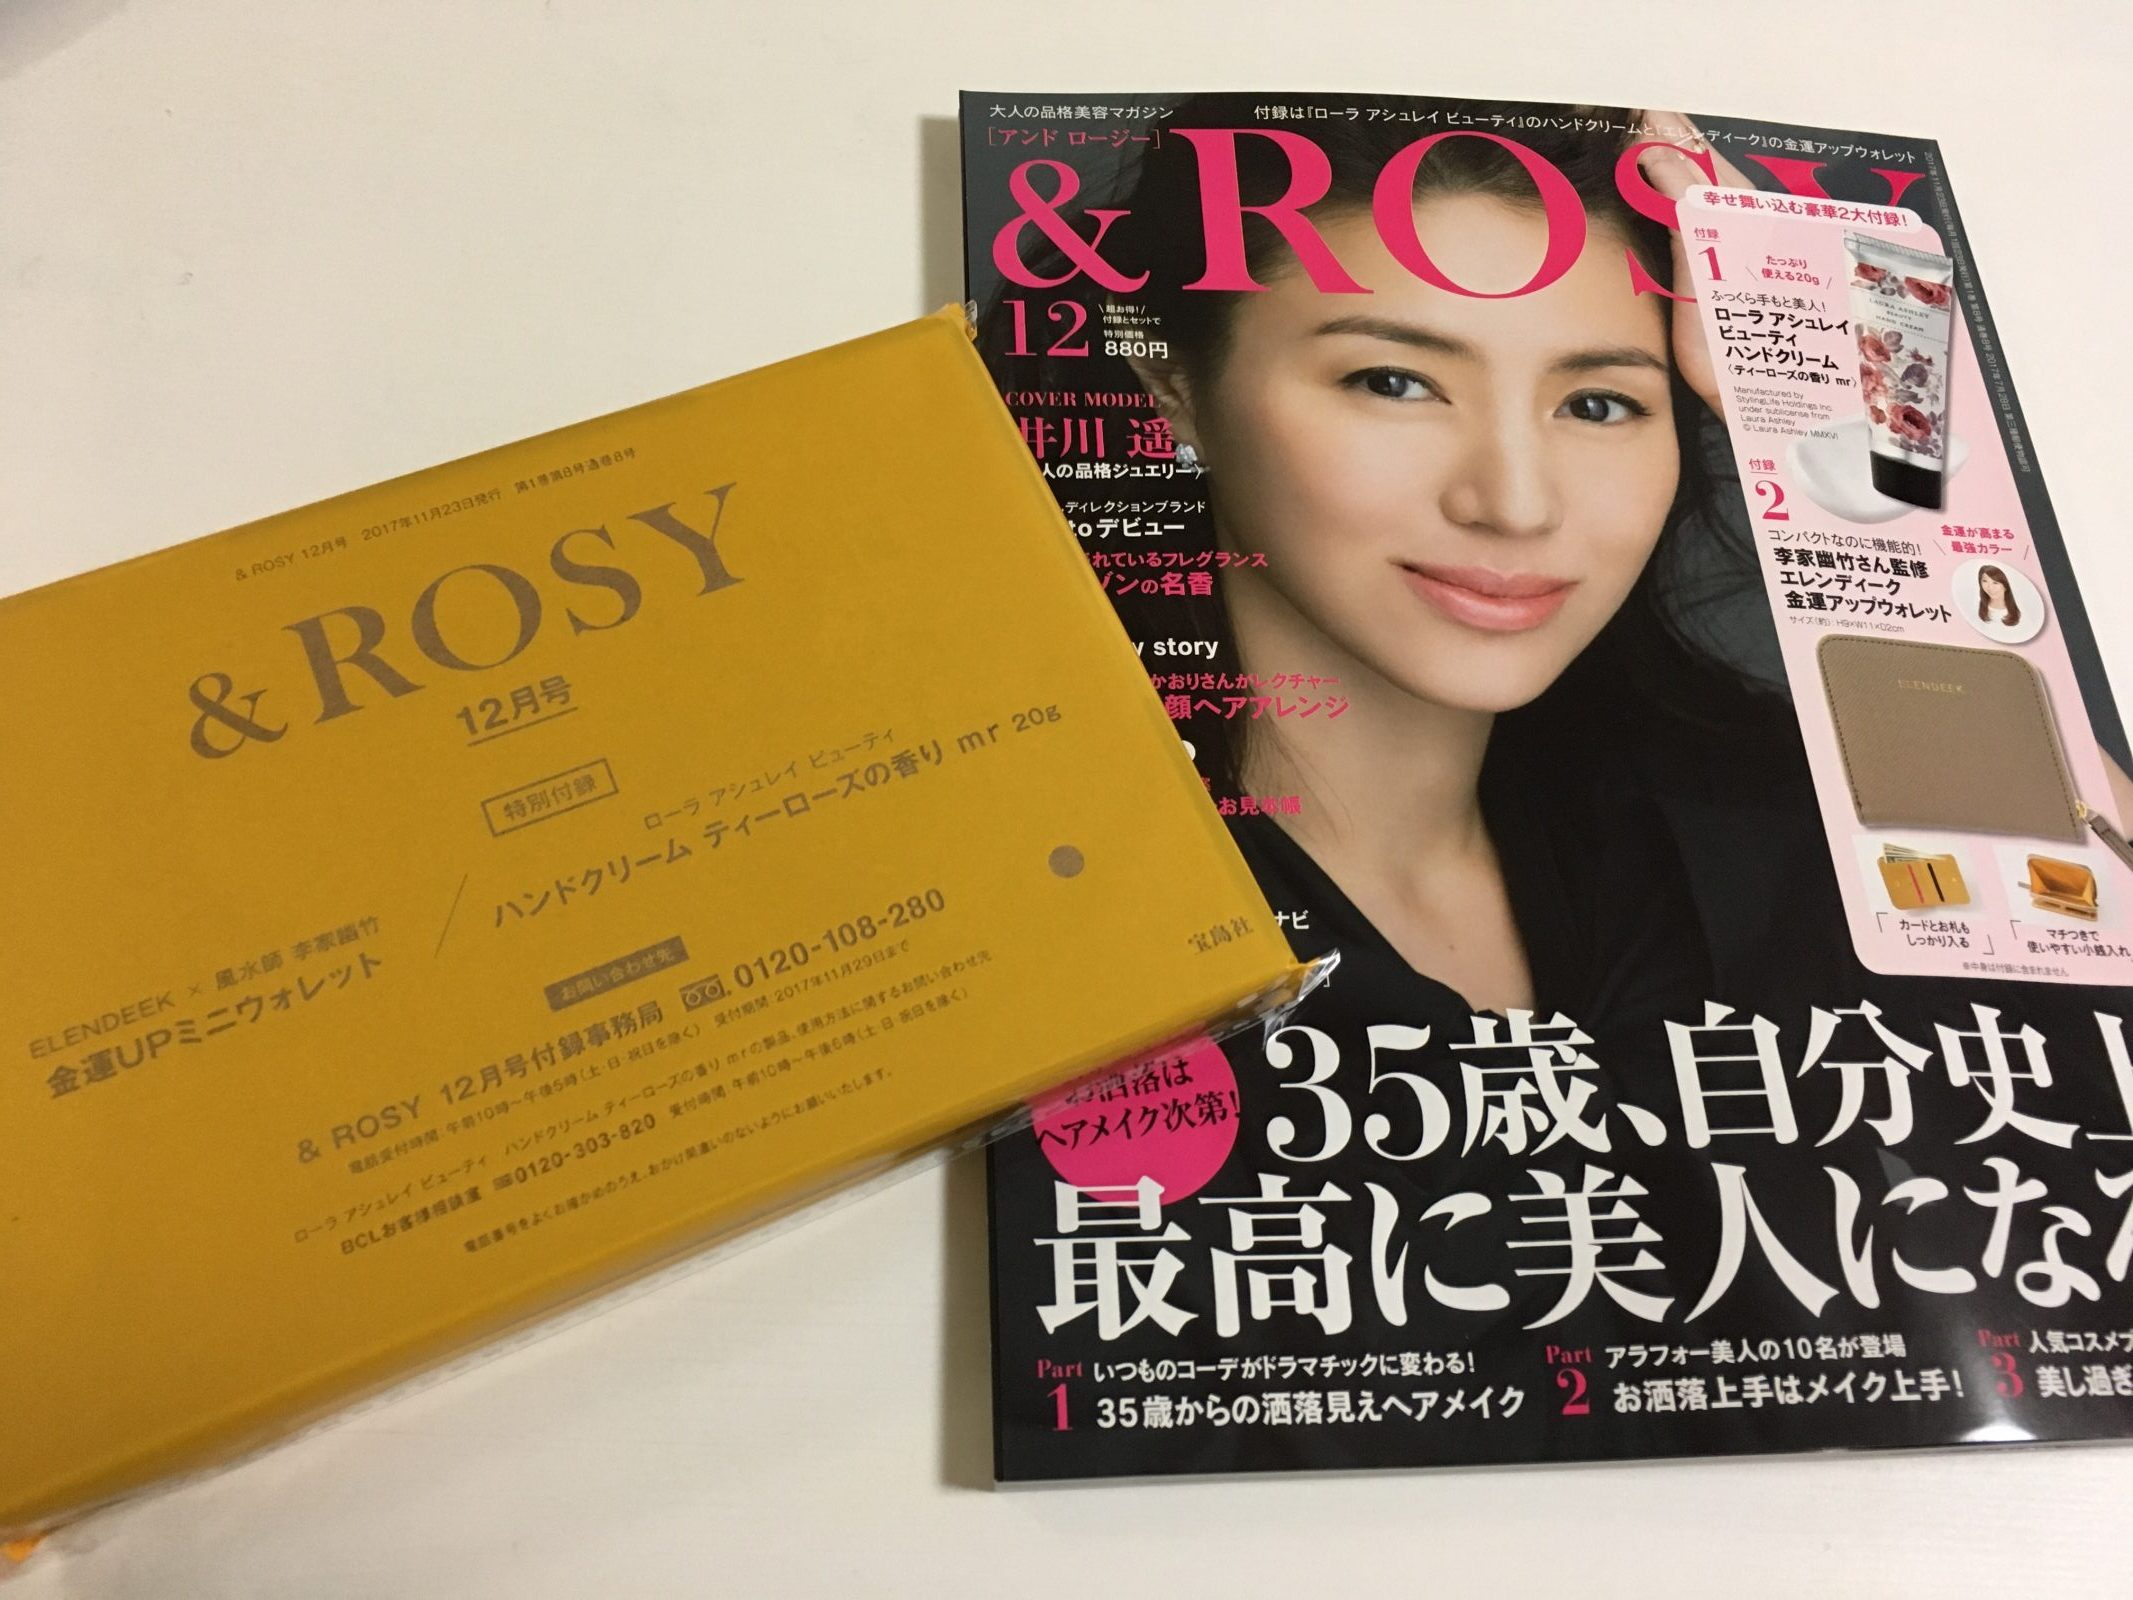 ミニ財布とハンドクリーム♪今すぐ使える豪華2大付録!&ROSY12月号